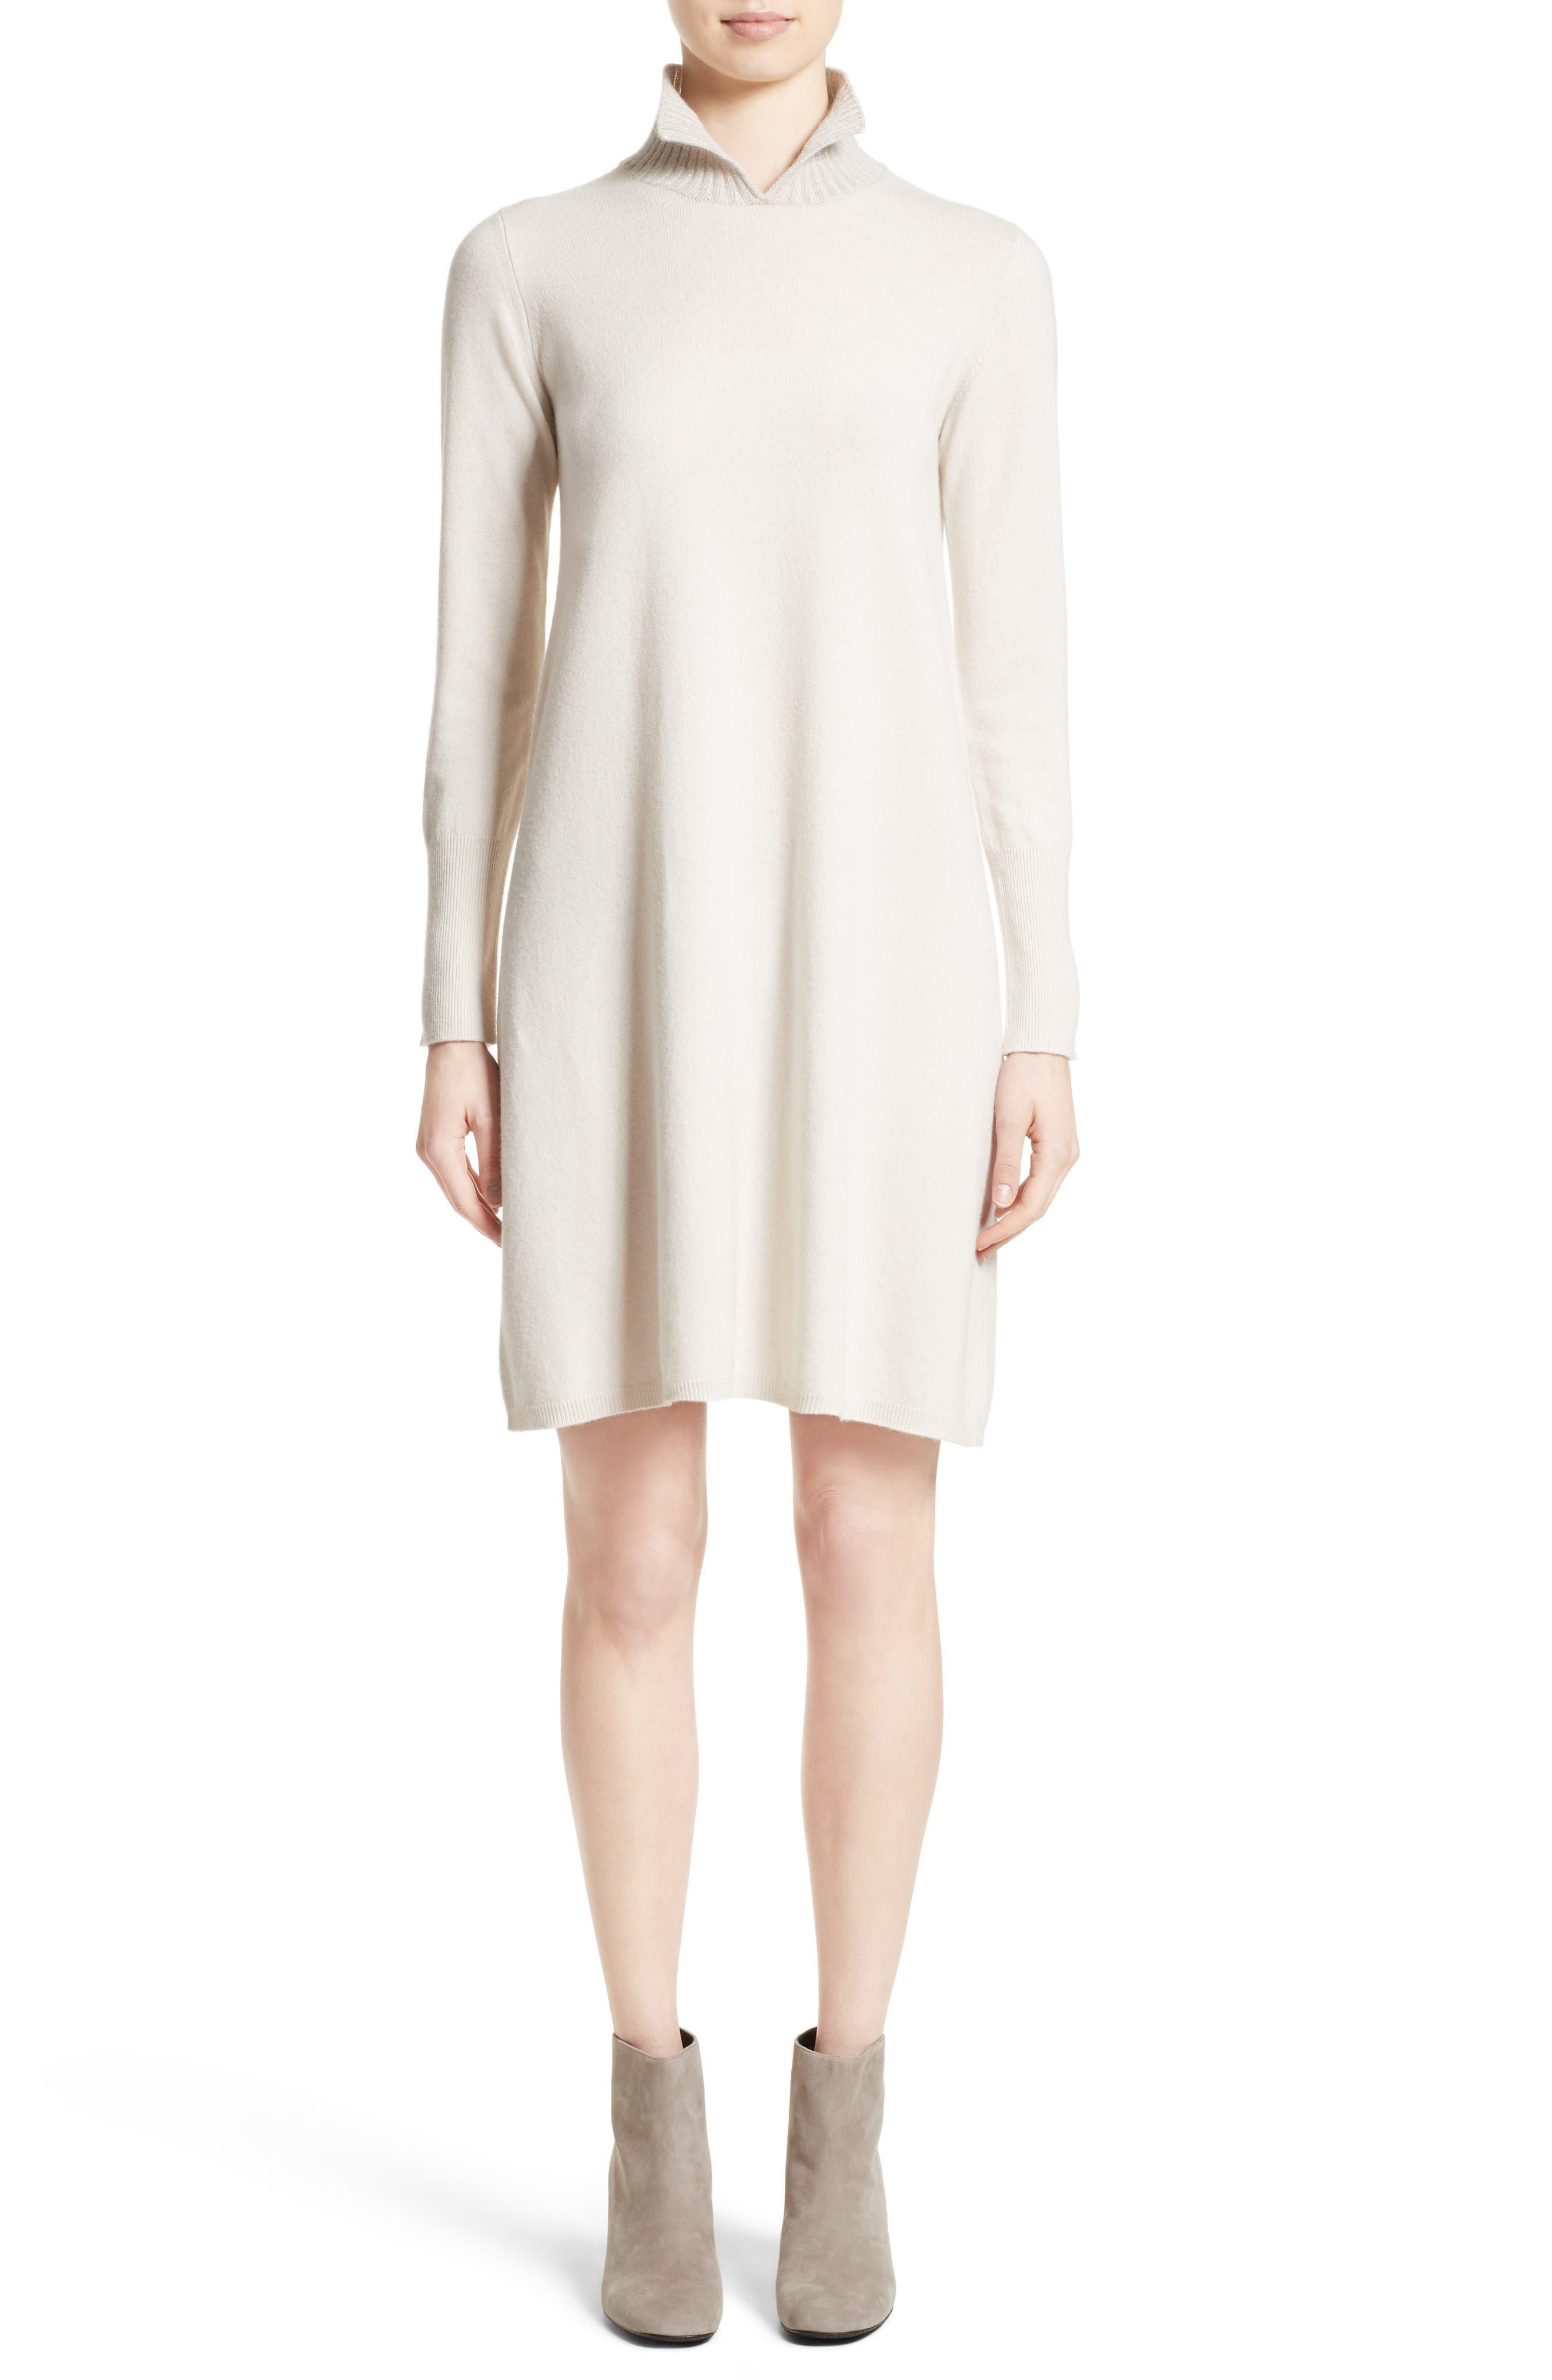 Fabiana Filippi Wool, Silk & Cashmere Knit Dress